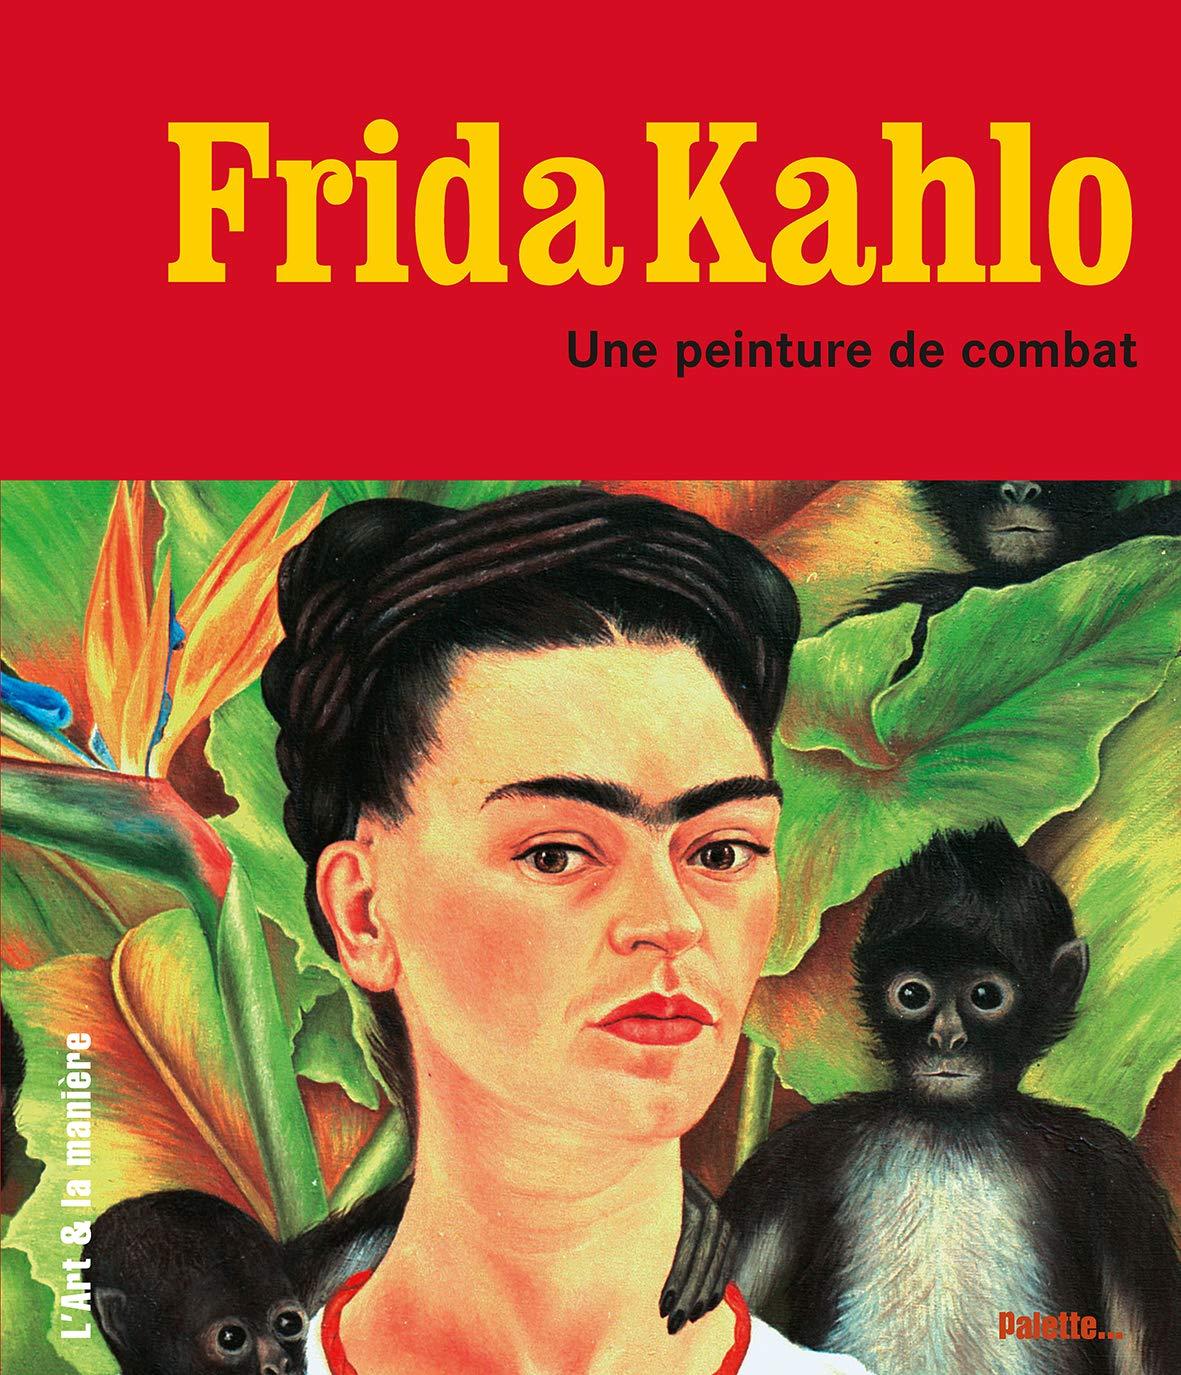 Frida Khalo Une Peinture De Combat L Art Et La Maniere Collectif 9782915710182 Amazon Com Books